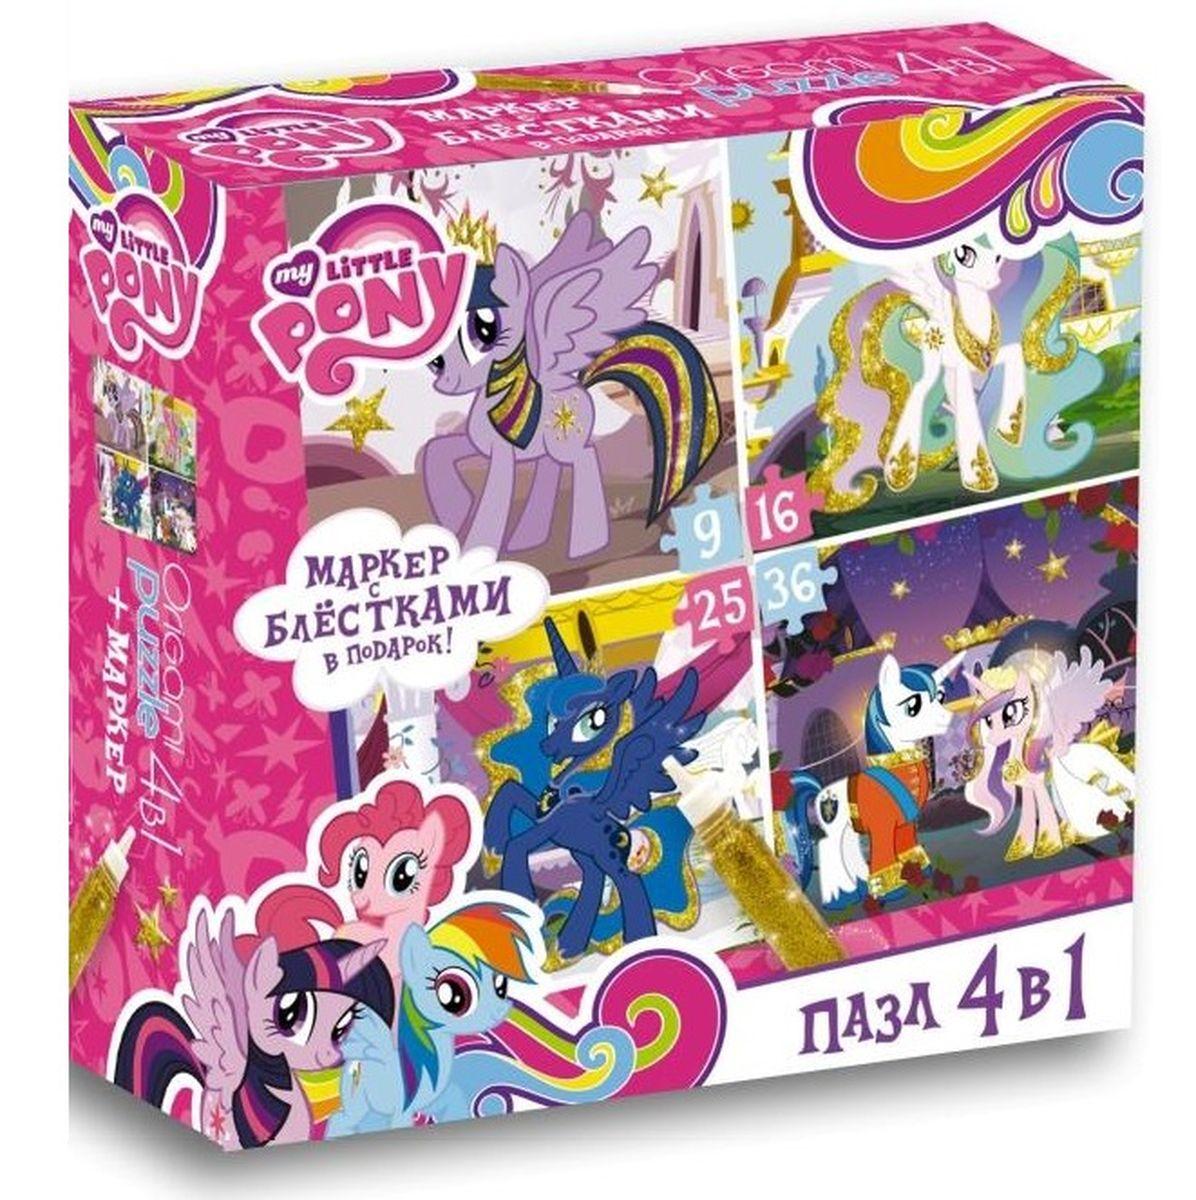 Оригами Пазл MLP 4 в 1 и 0210502105Пазл 4 в 1 на 9, 16, 25, 36 элемента с маленькими пони – это приятный сюрприз для каждой принцессы. Собери красочные картинки с героями мульт-сериала «My little pony»! Это легко и просто. Пазл за пазлом пони страны Эквестрии будут рассказывать свои истории и делиться секретами.